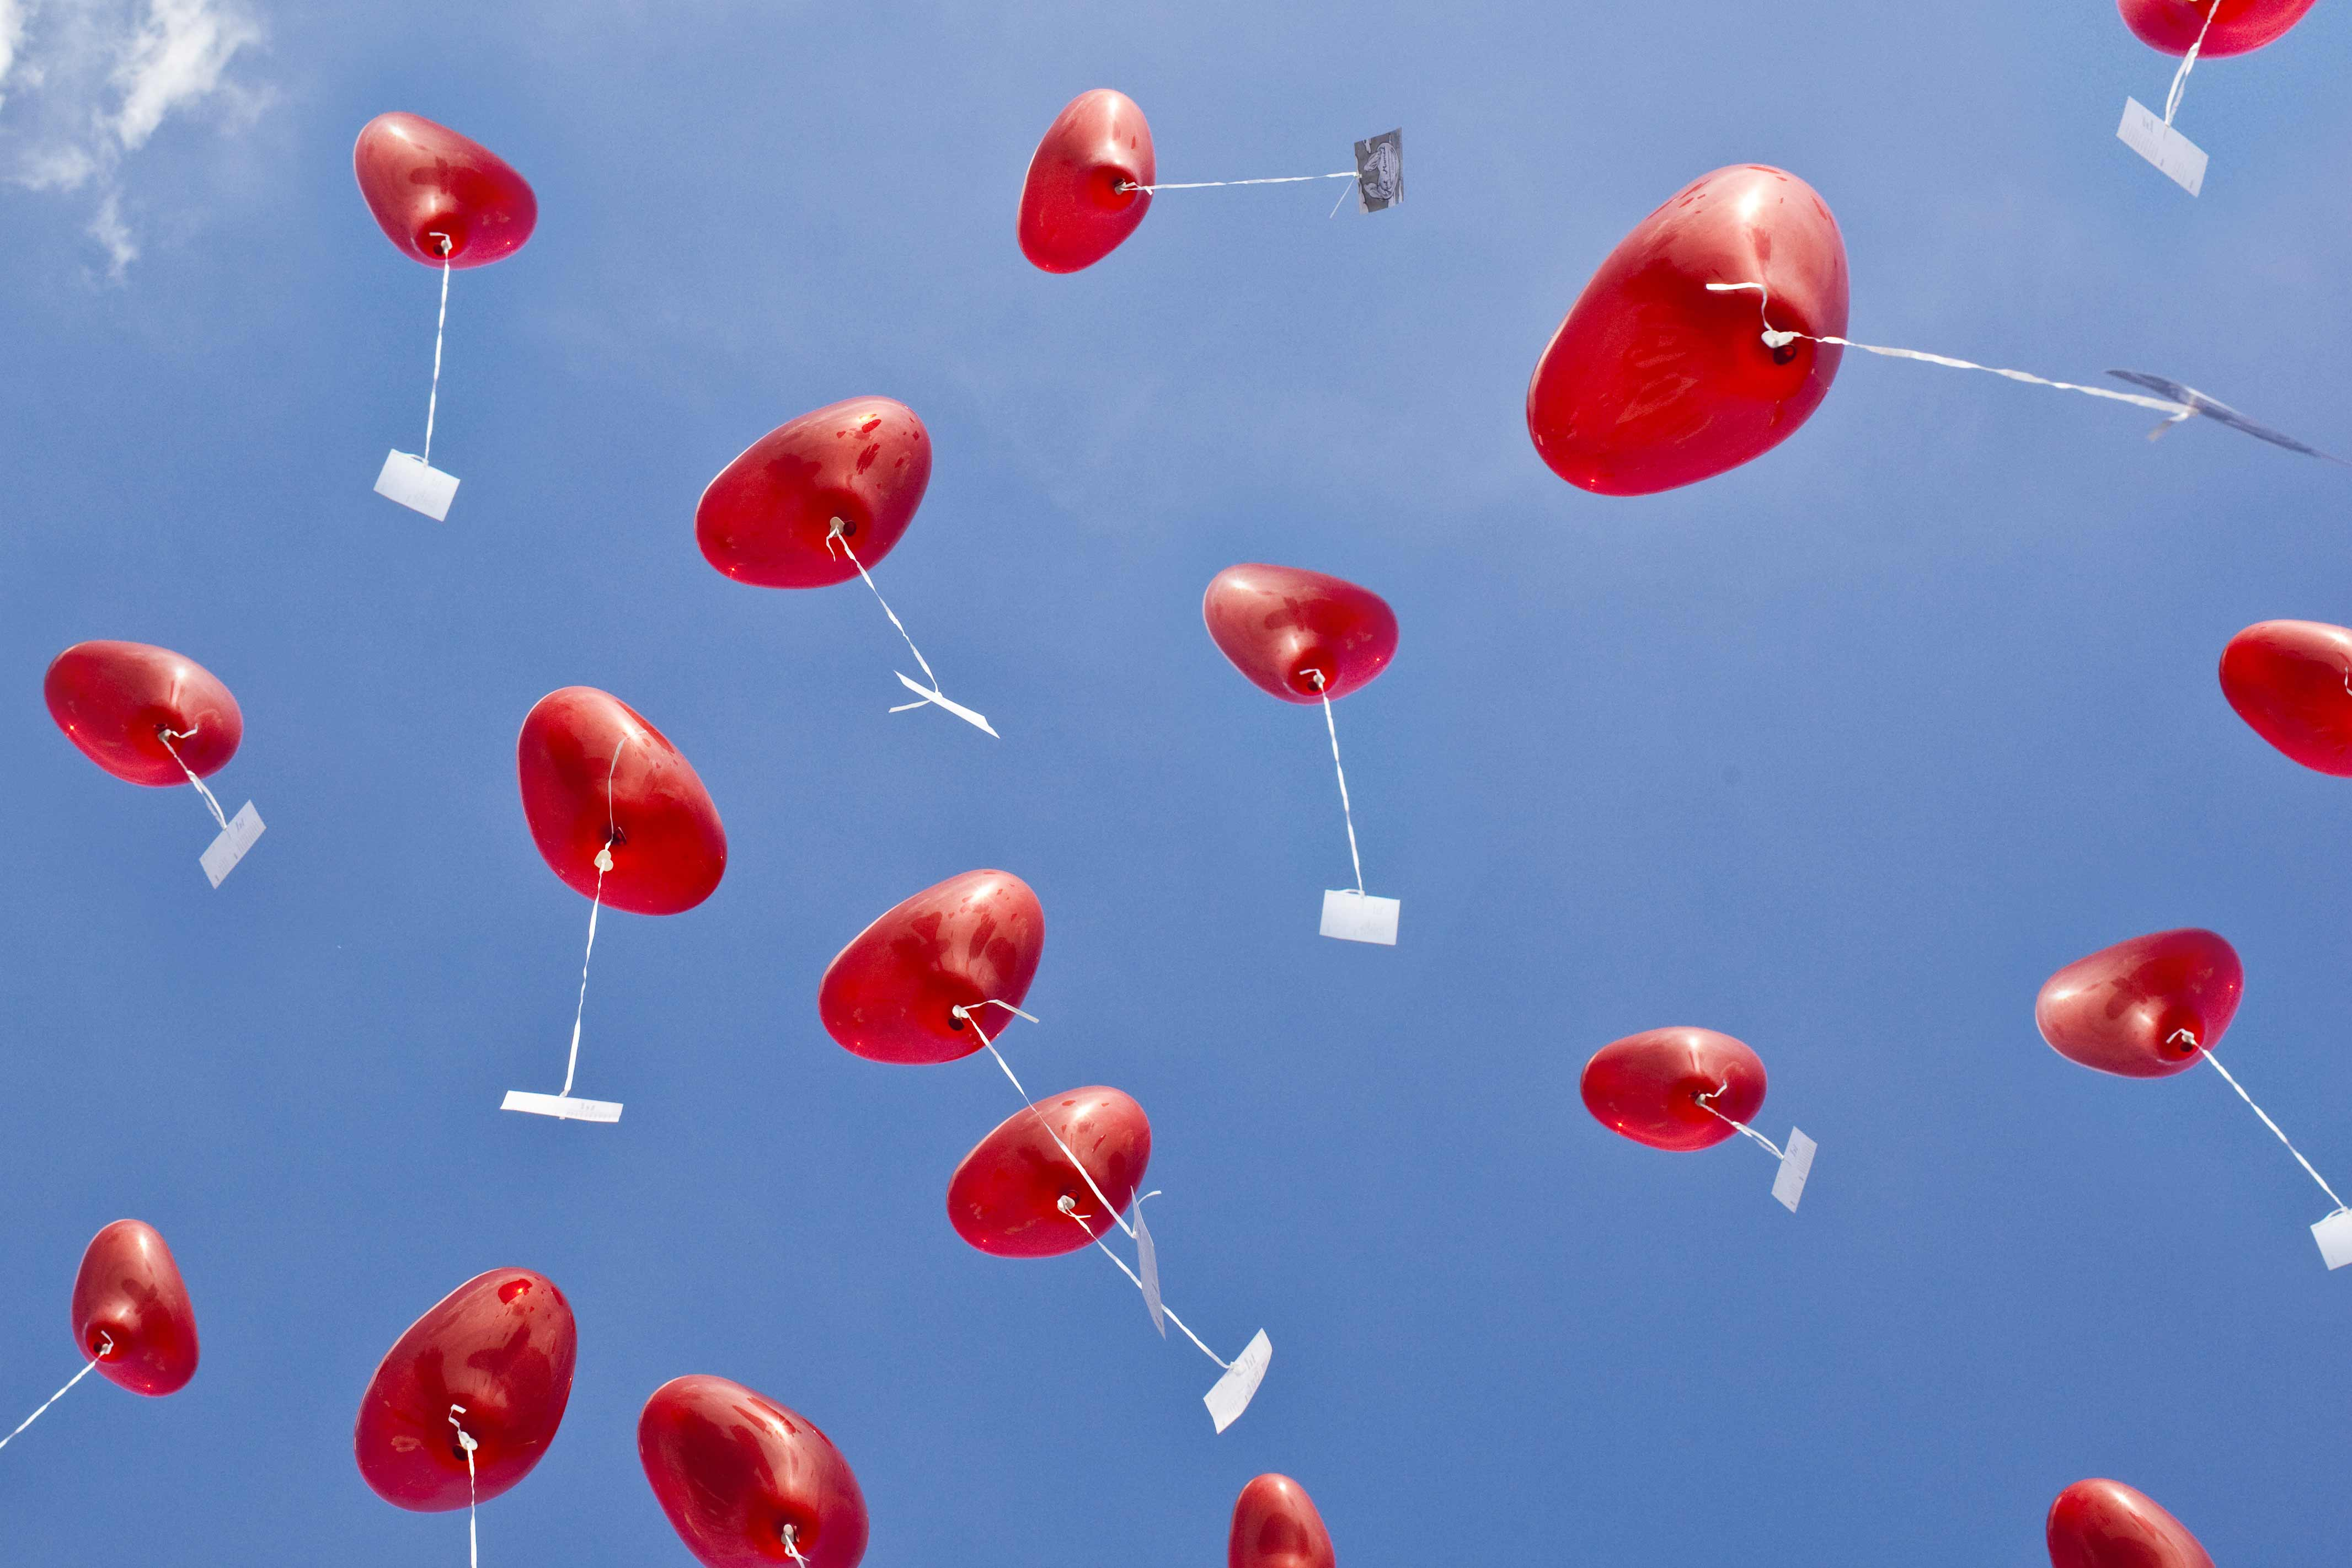 Hochzeitsgeschenk: Herzluftballons mit Hochzeitsgrüßen